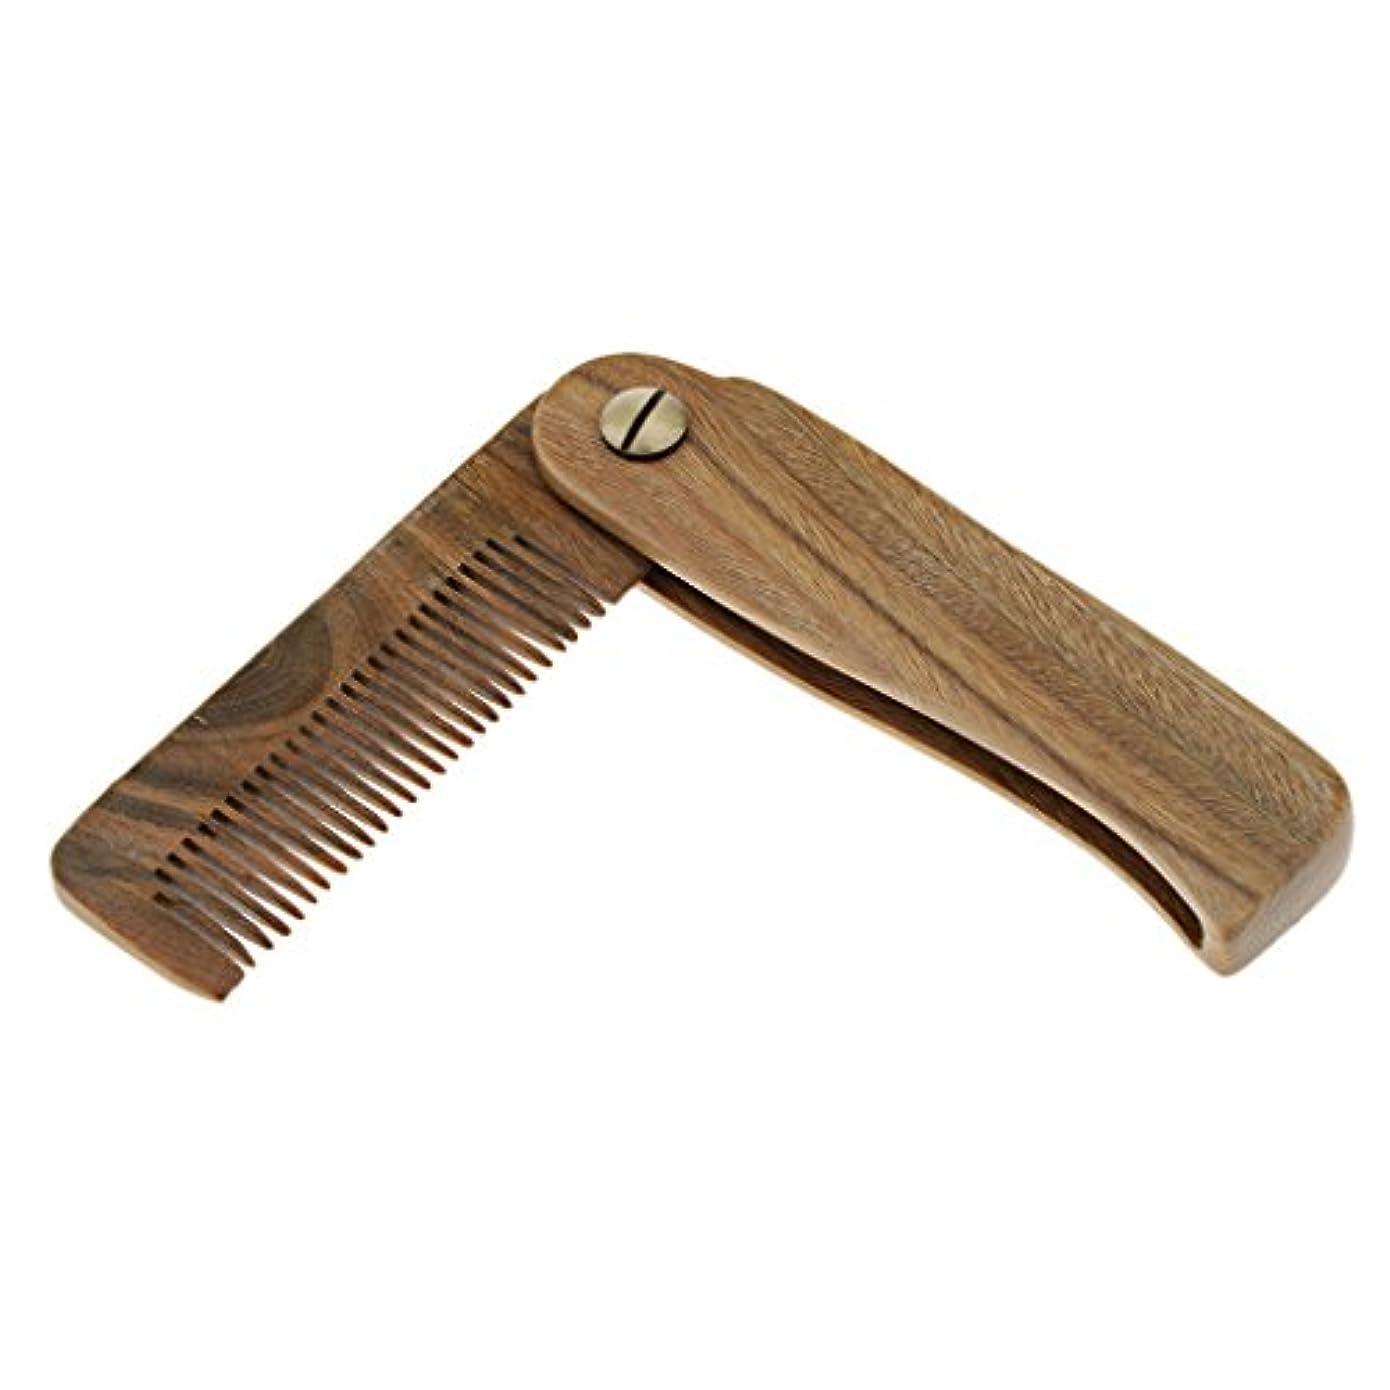 キャリッジ脆い簡単な木製櫛 ヘアブラシ ヘアコーム ミニサイズ 多機能櫛 ひげ櫛 櫛 折り畳み式 2タイプ選べる - A